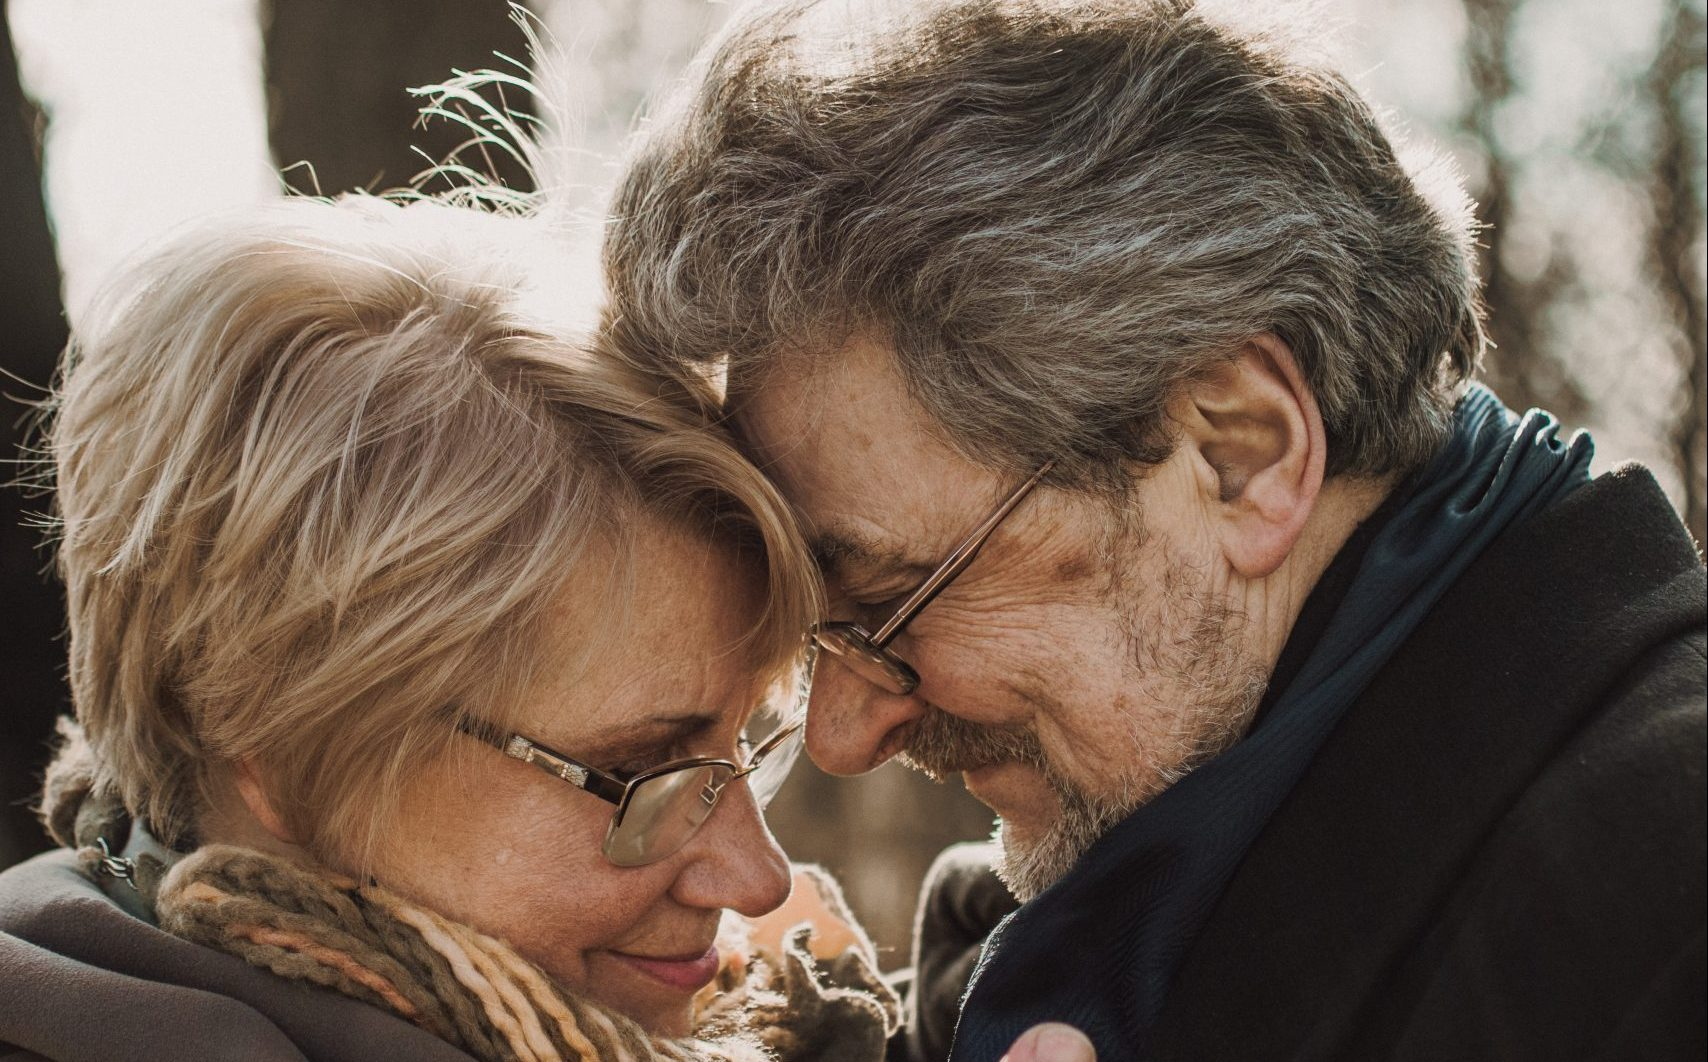 Férfibecsület: Nem hagytam el a beteg feleségem, de téged szerettelek!